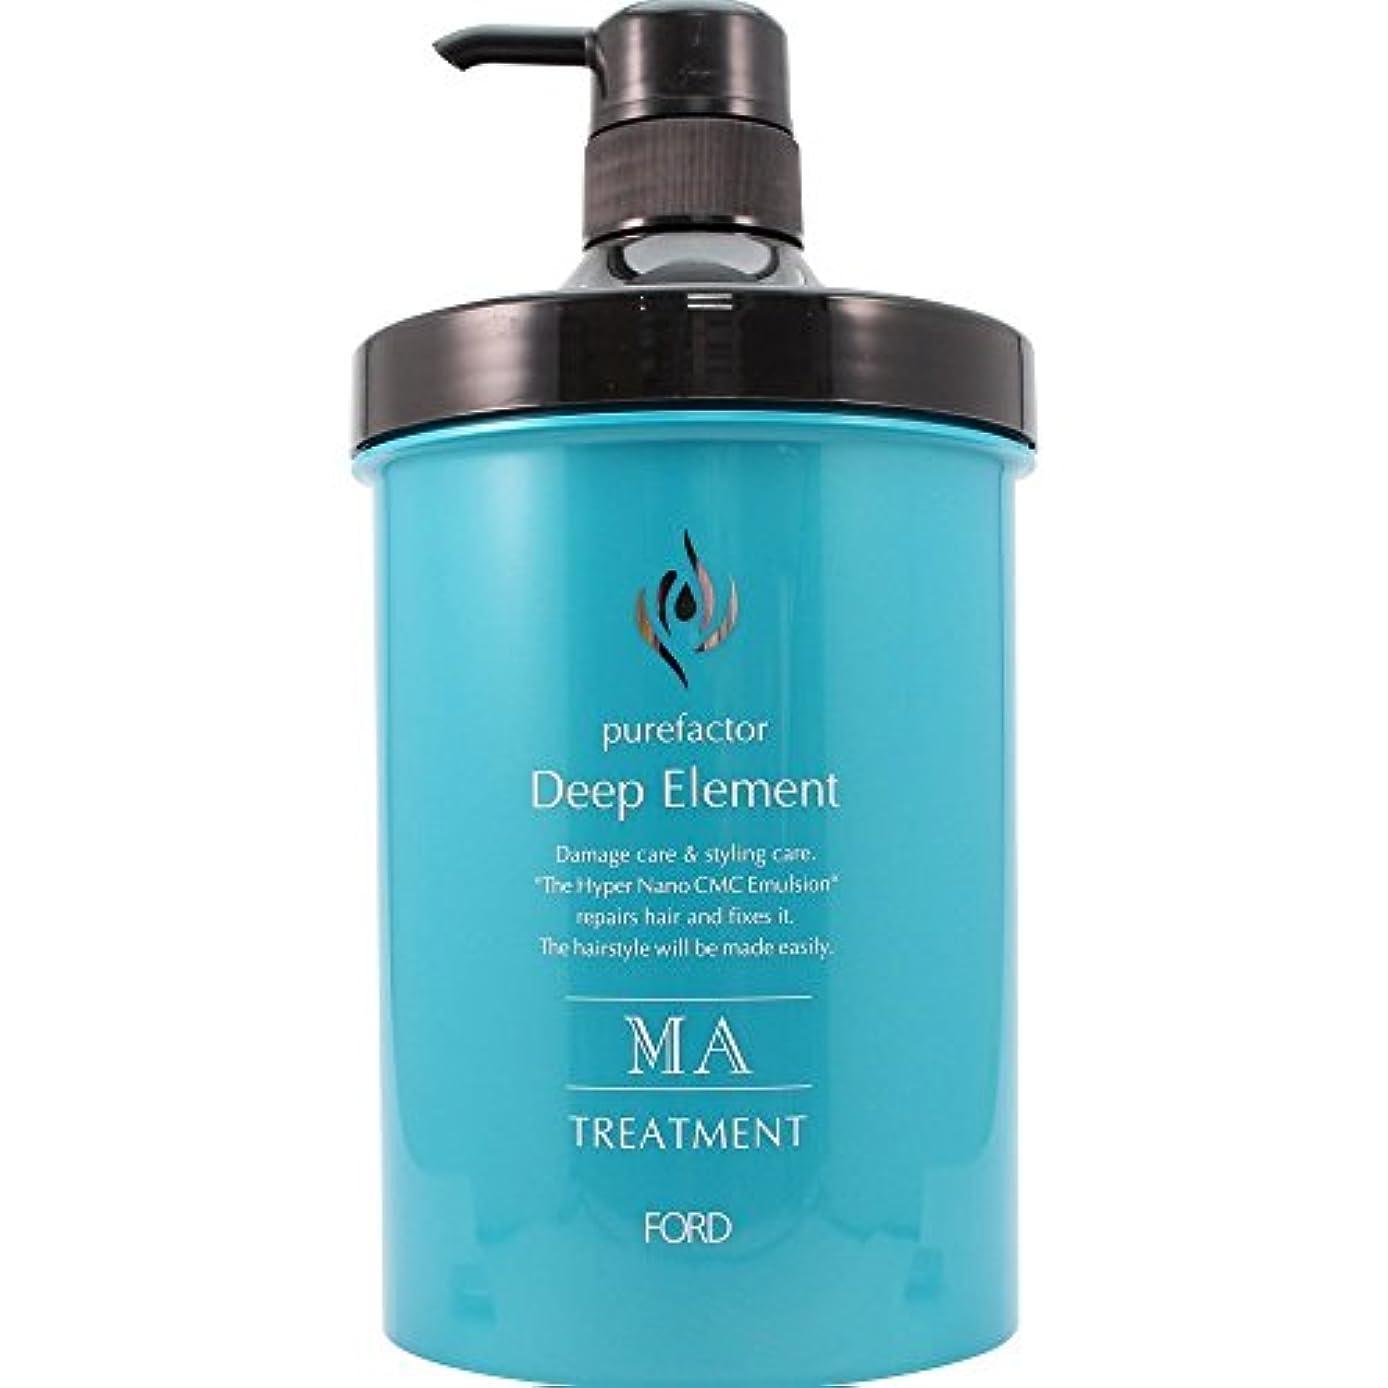 ラバ心理的メディカルフォードヘア化粧品 ディープエレメント MA ヘアトリートメント 950g